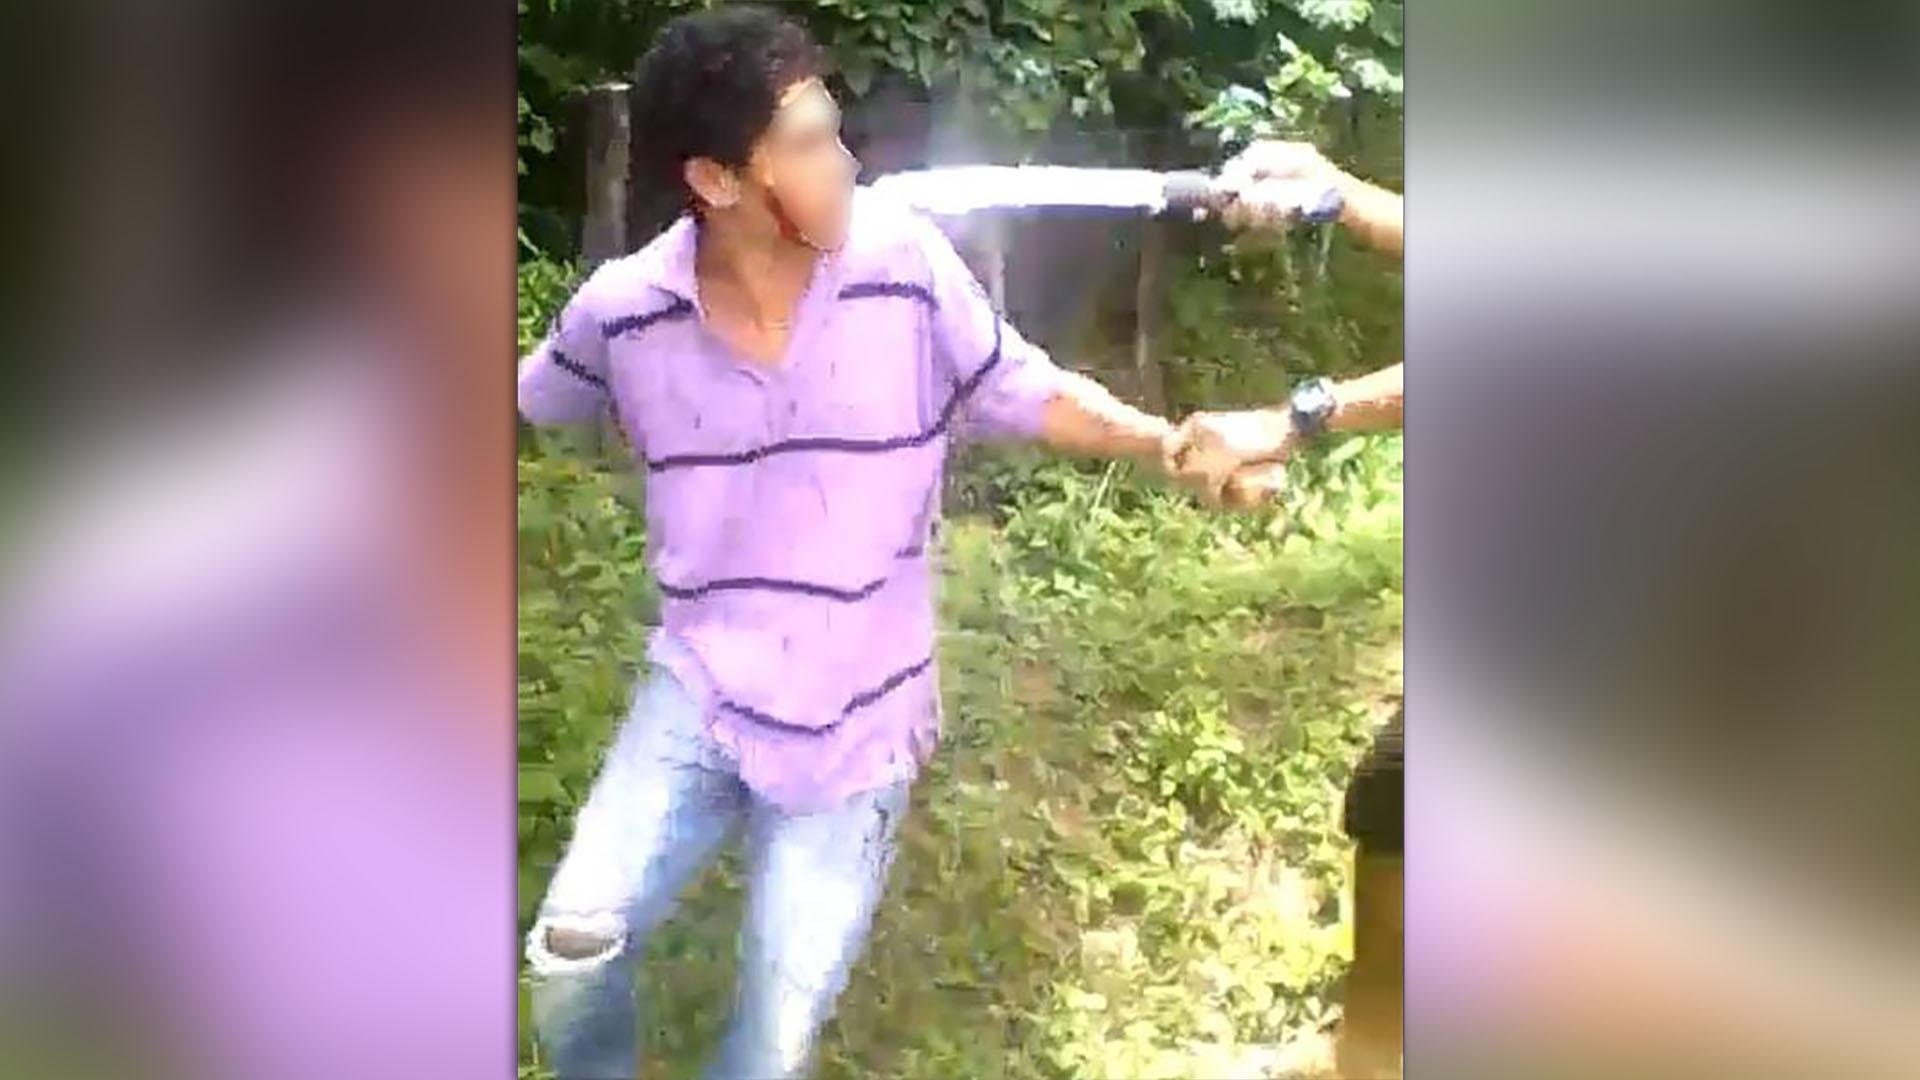 El video del asesinato se viralizó en las redes sociales